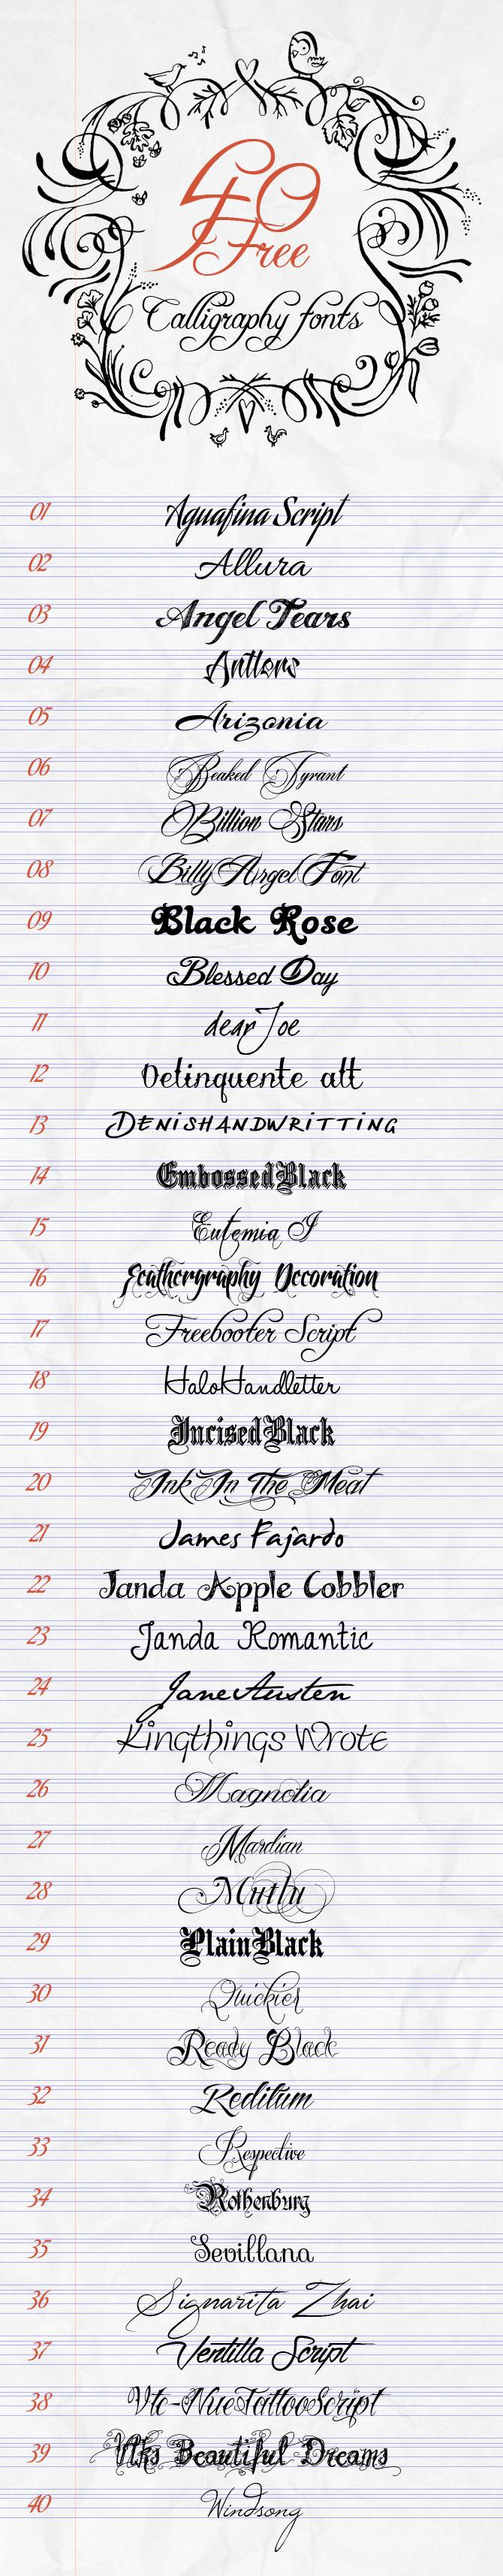 Искусство каллиграфии - 40 бесплатных шрифтов для Креатива